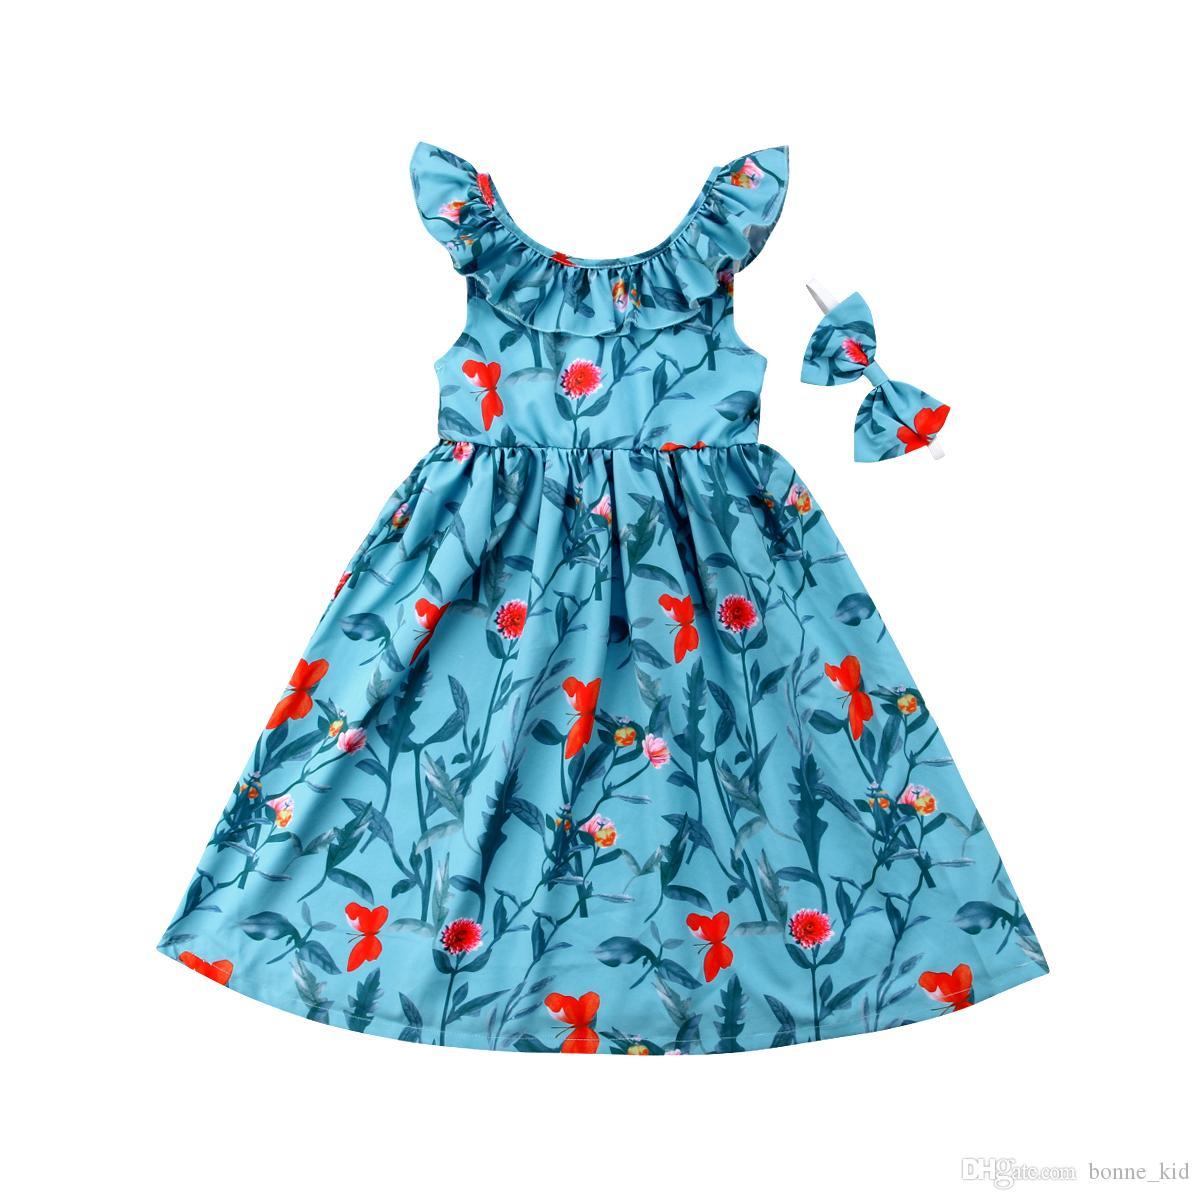 8fdbe352de4 Cheap Vintage Style Women Sleeveless Floral Dress Cute Floral Dresses Short  for Sale